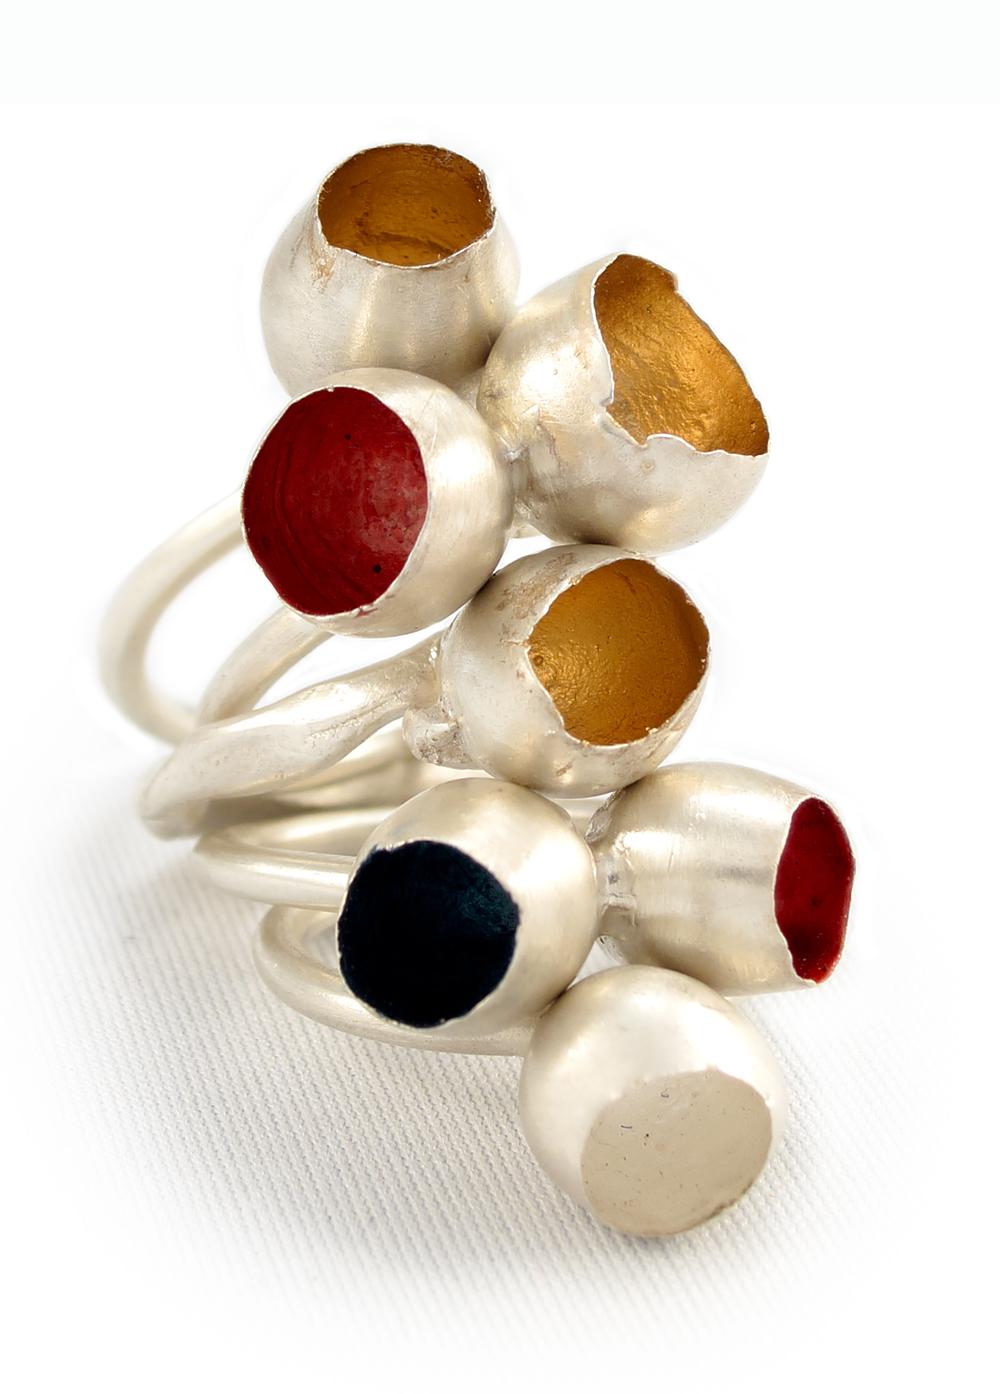 Vessels, rings